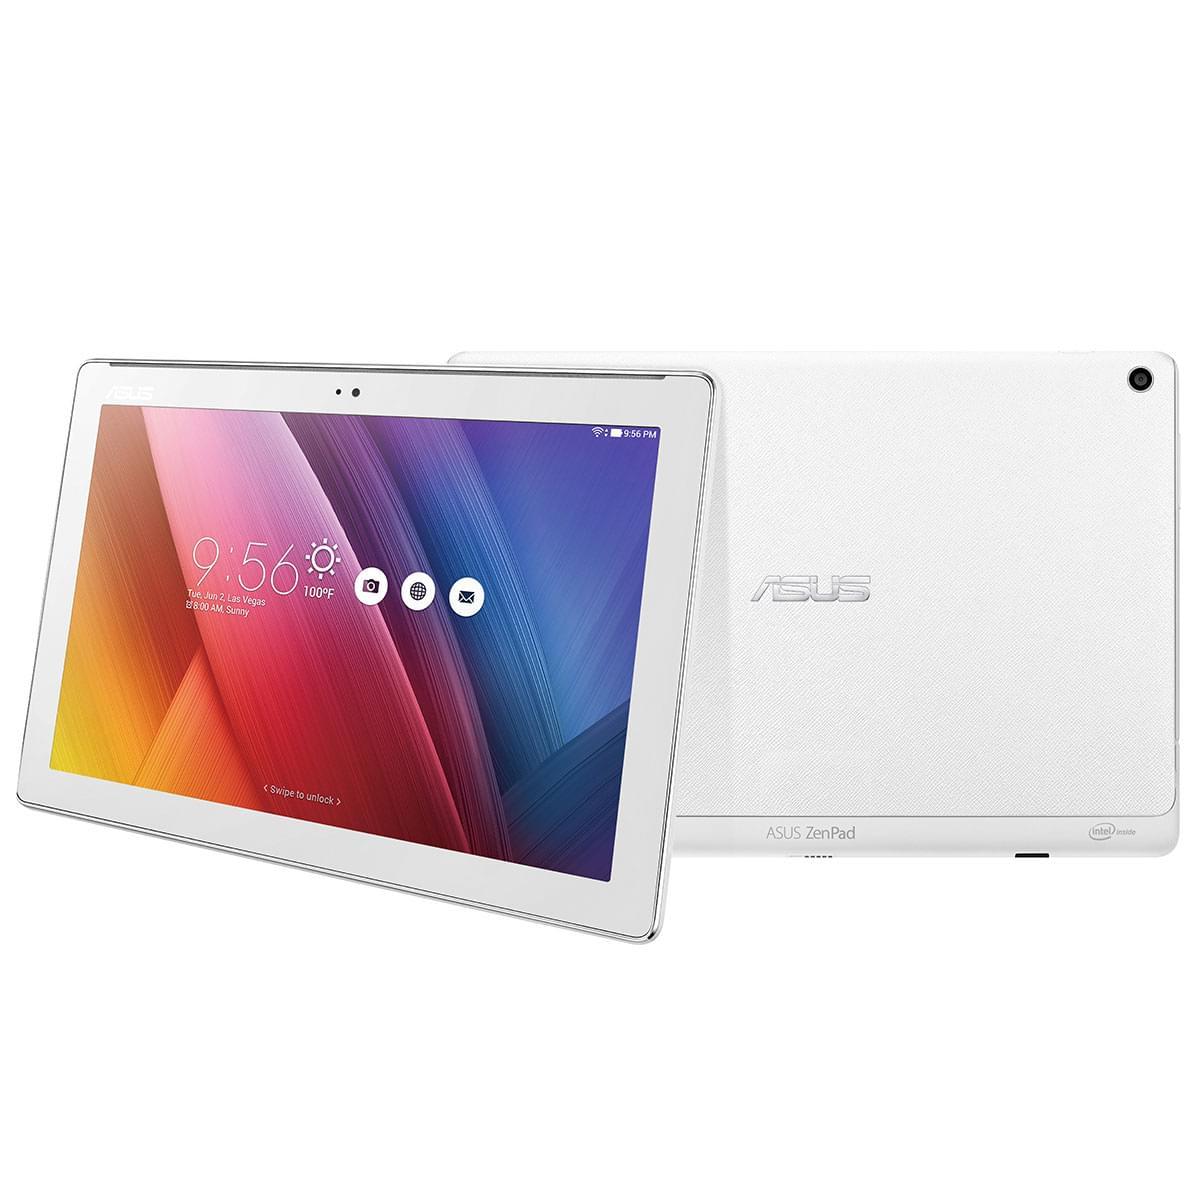 Asus Zenpad Z300C-1B045A - Tablette tactile Asus - Cybertek.fr - 0